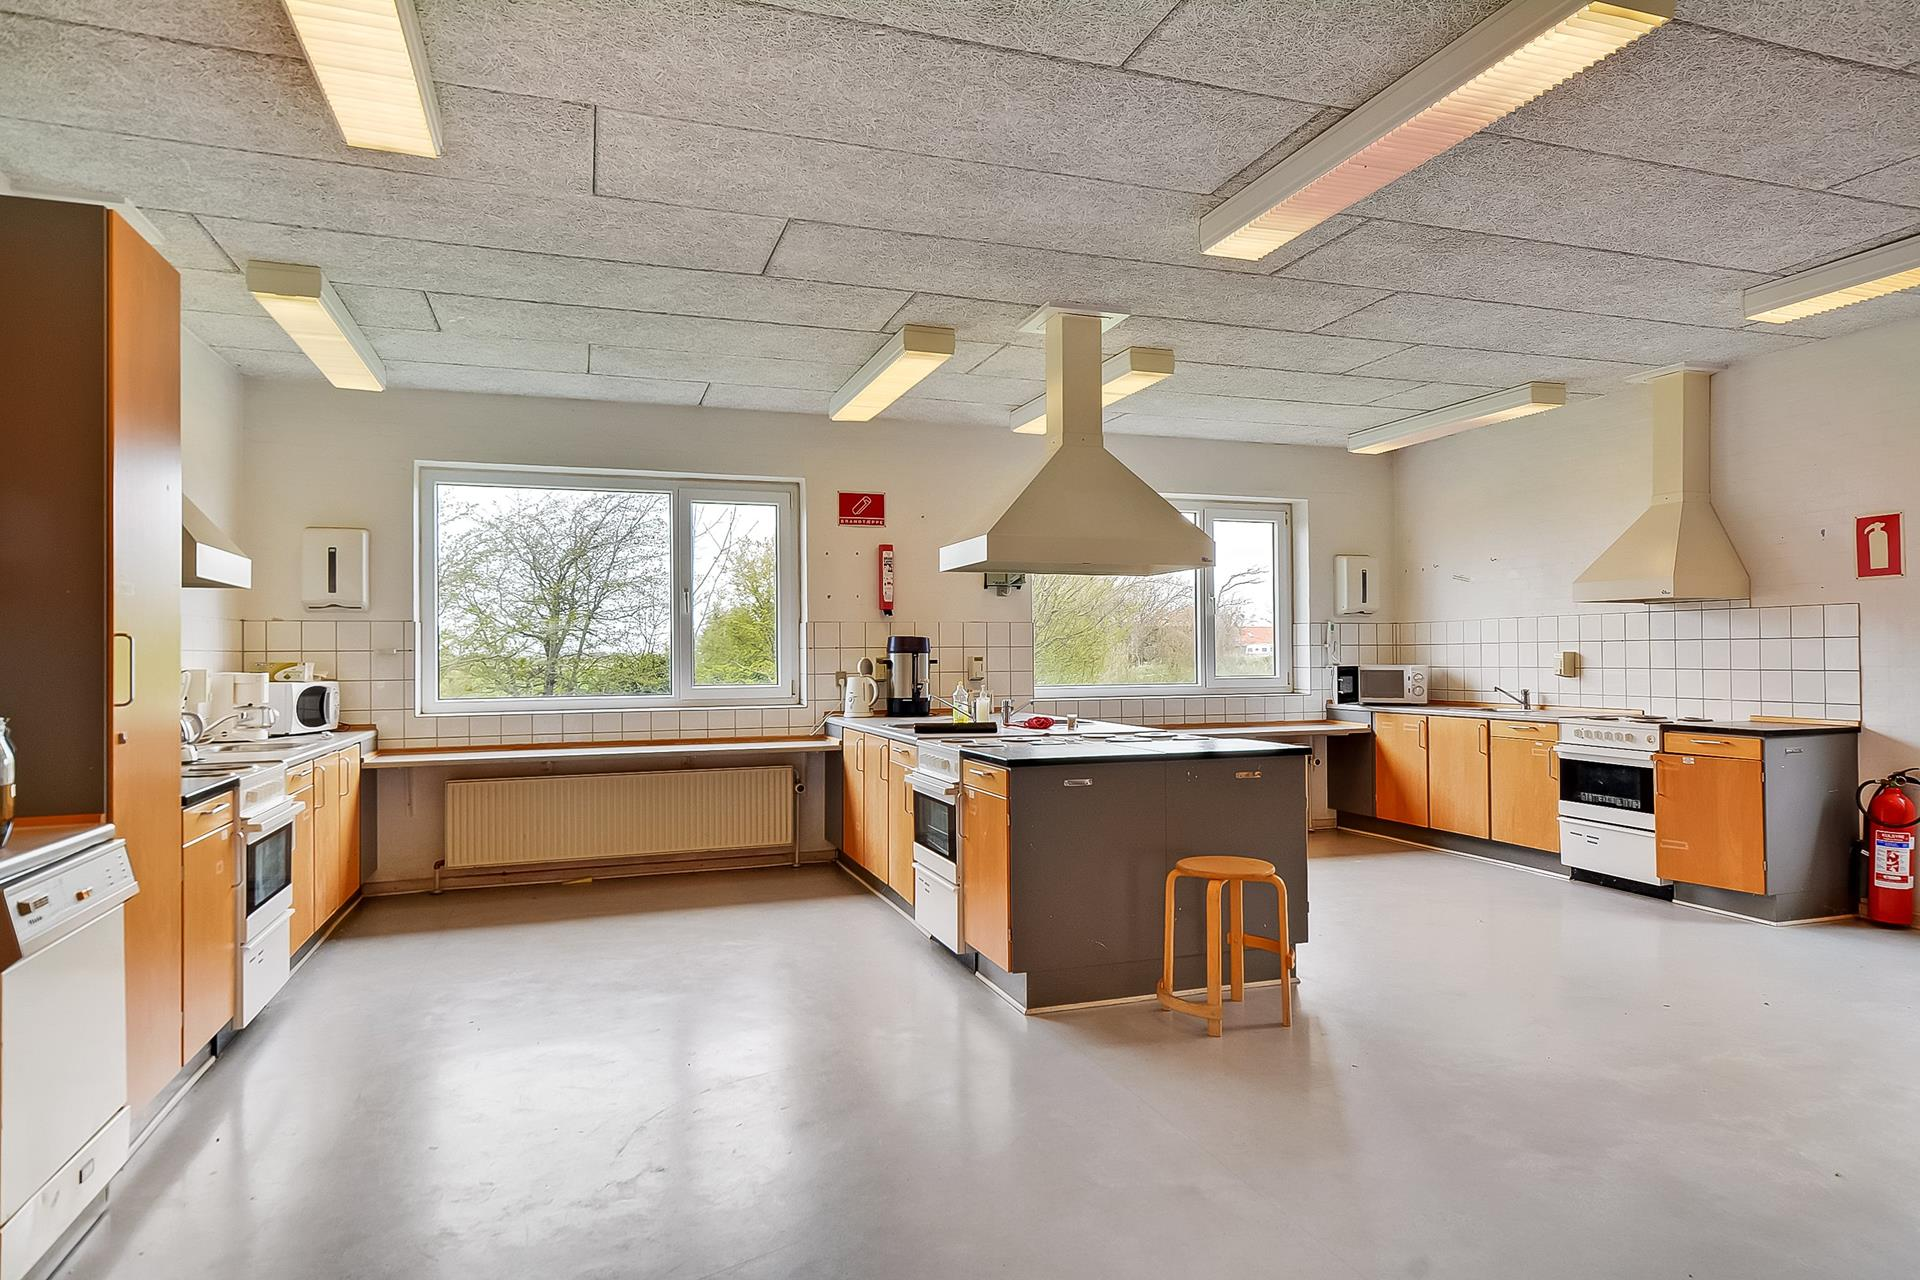 Bolig/erhverv på Skolevej i Skærbæk - Køkken